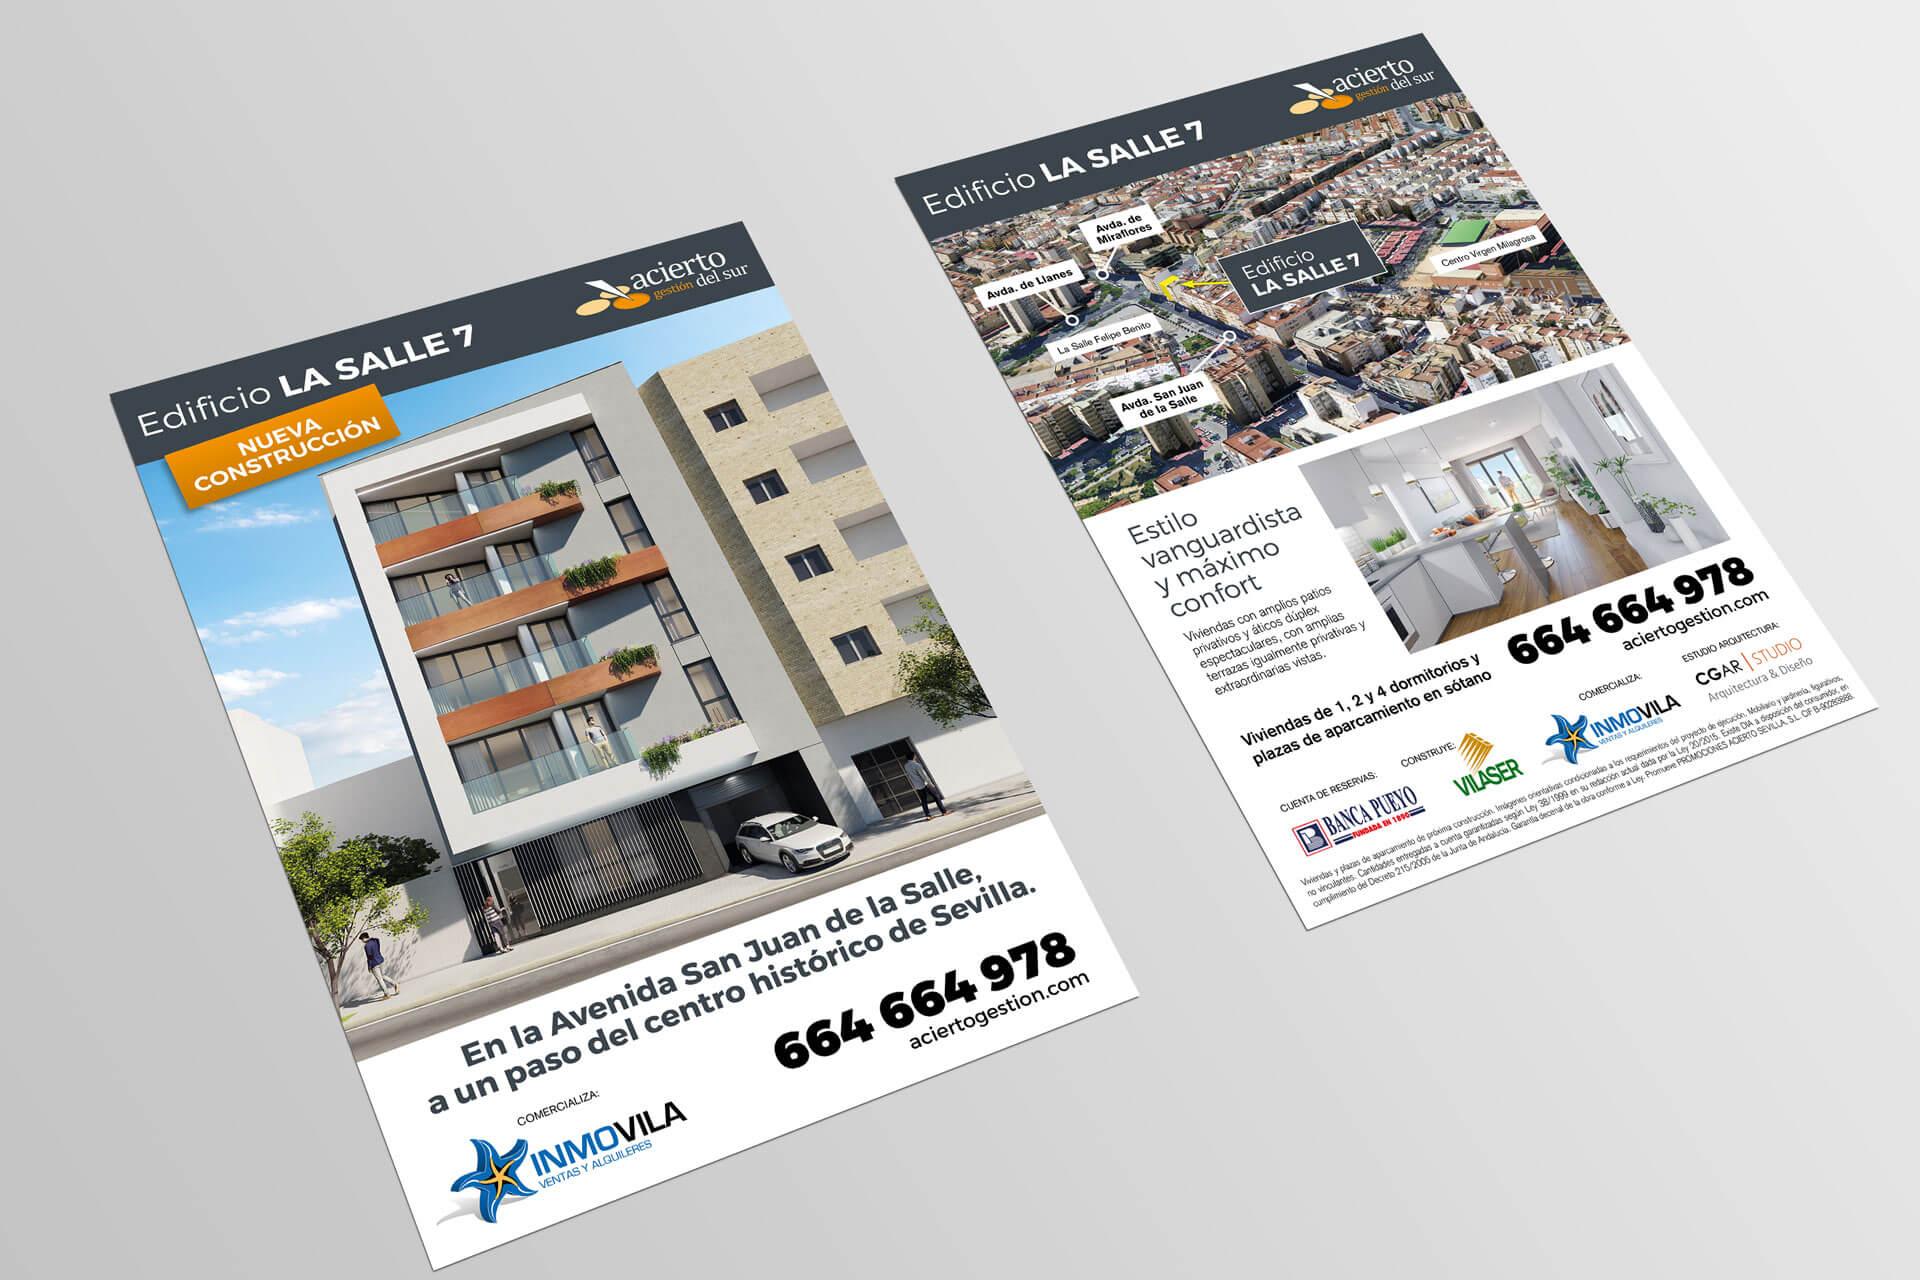 Flyer para Edificio La Salle7 Inmovila